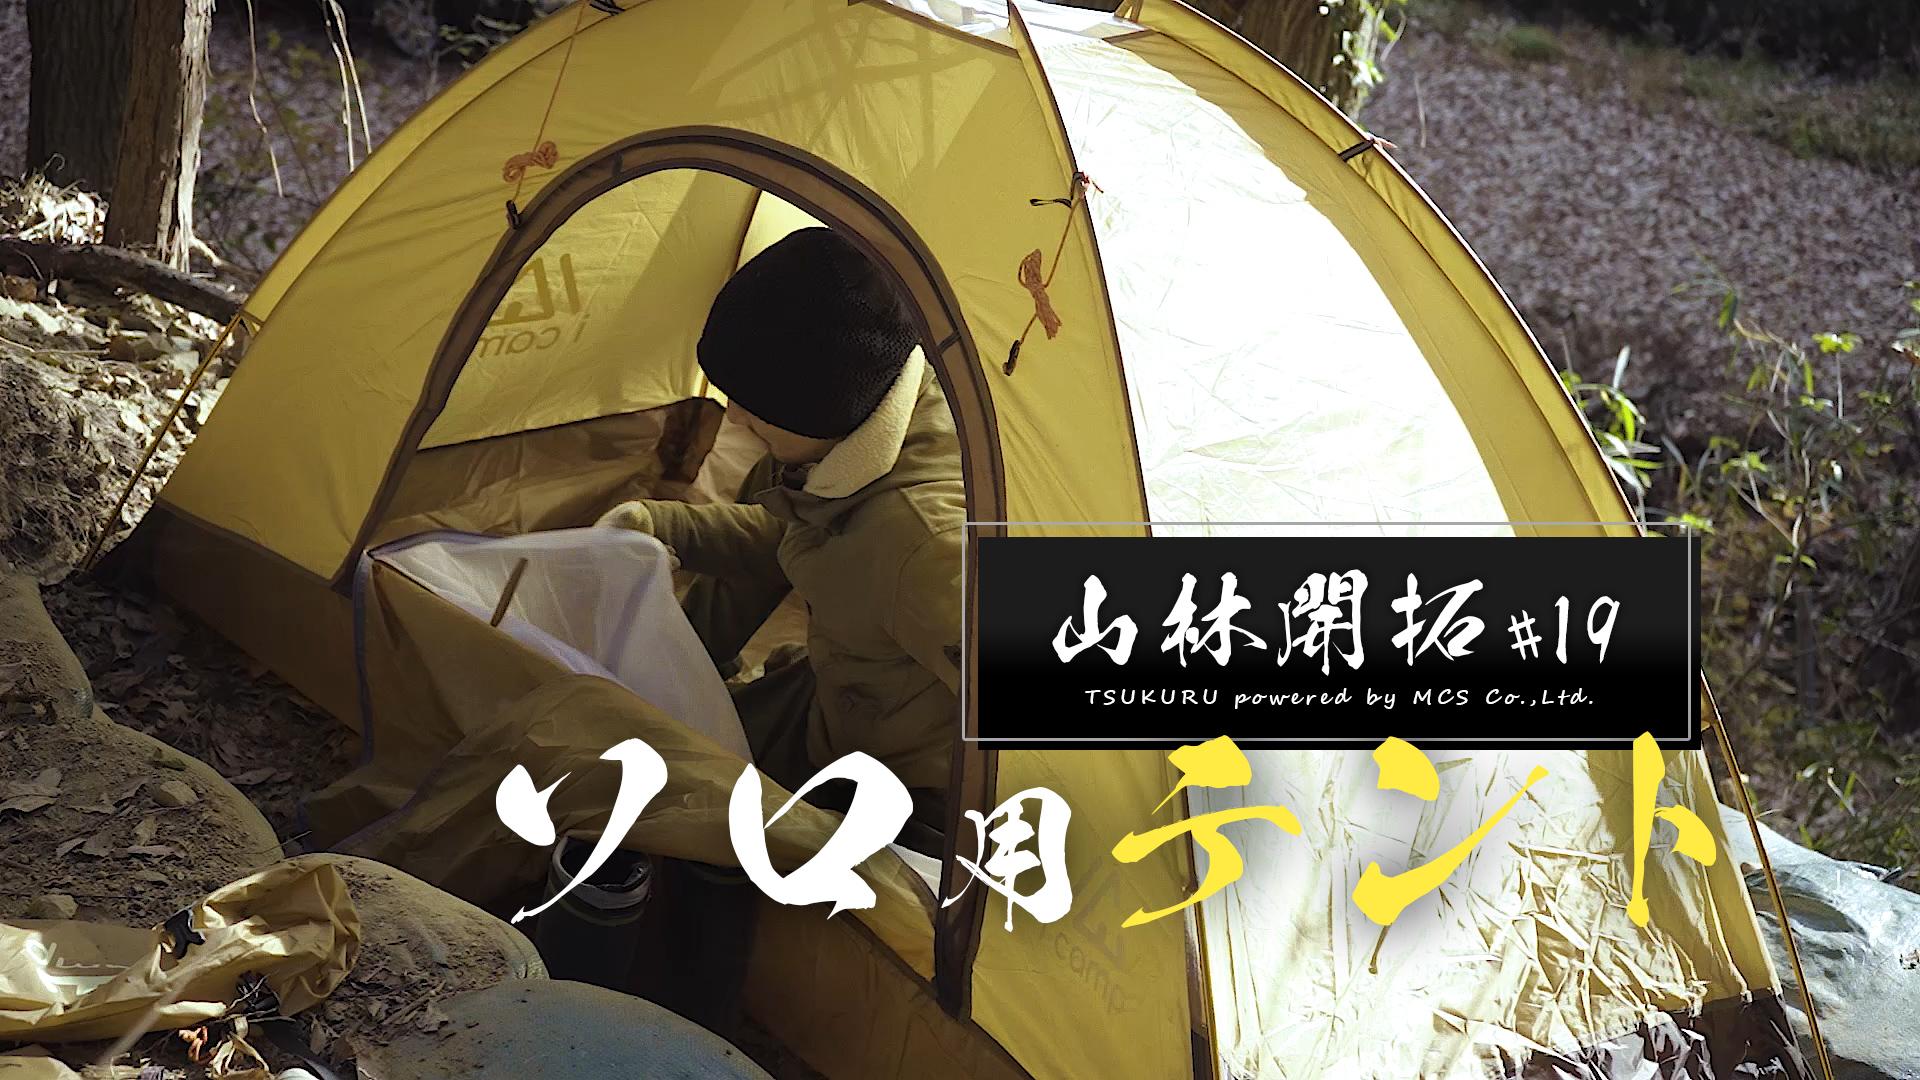 ソロキャンプ用のテント